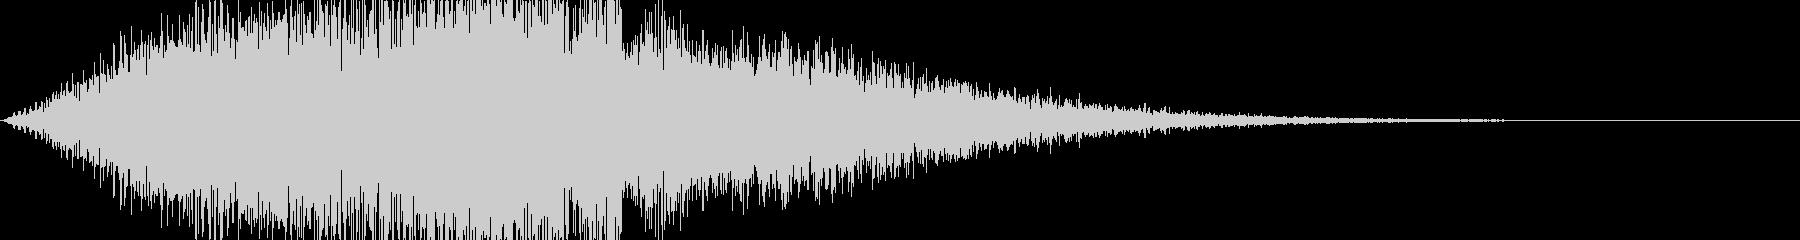 リバースピアノ(ゲームオーバーなど)の未再生の波形